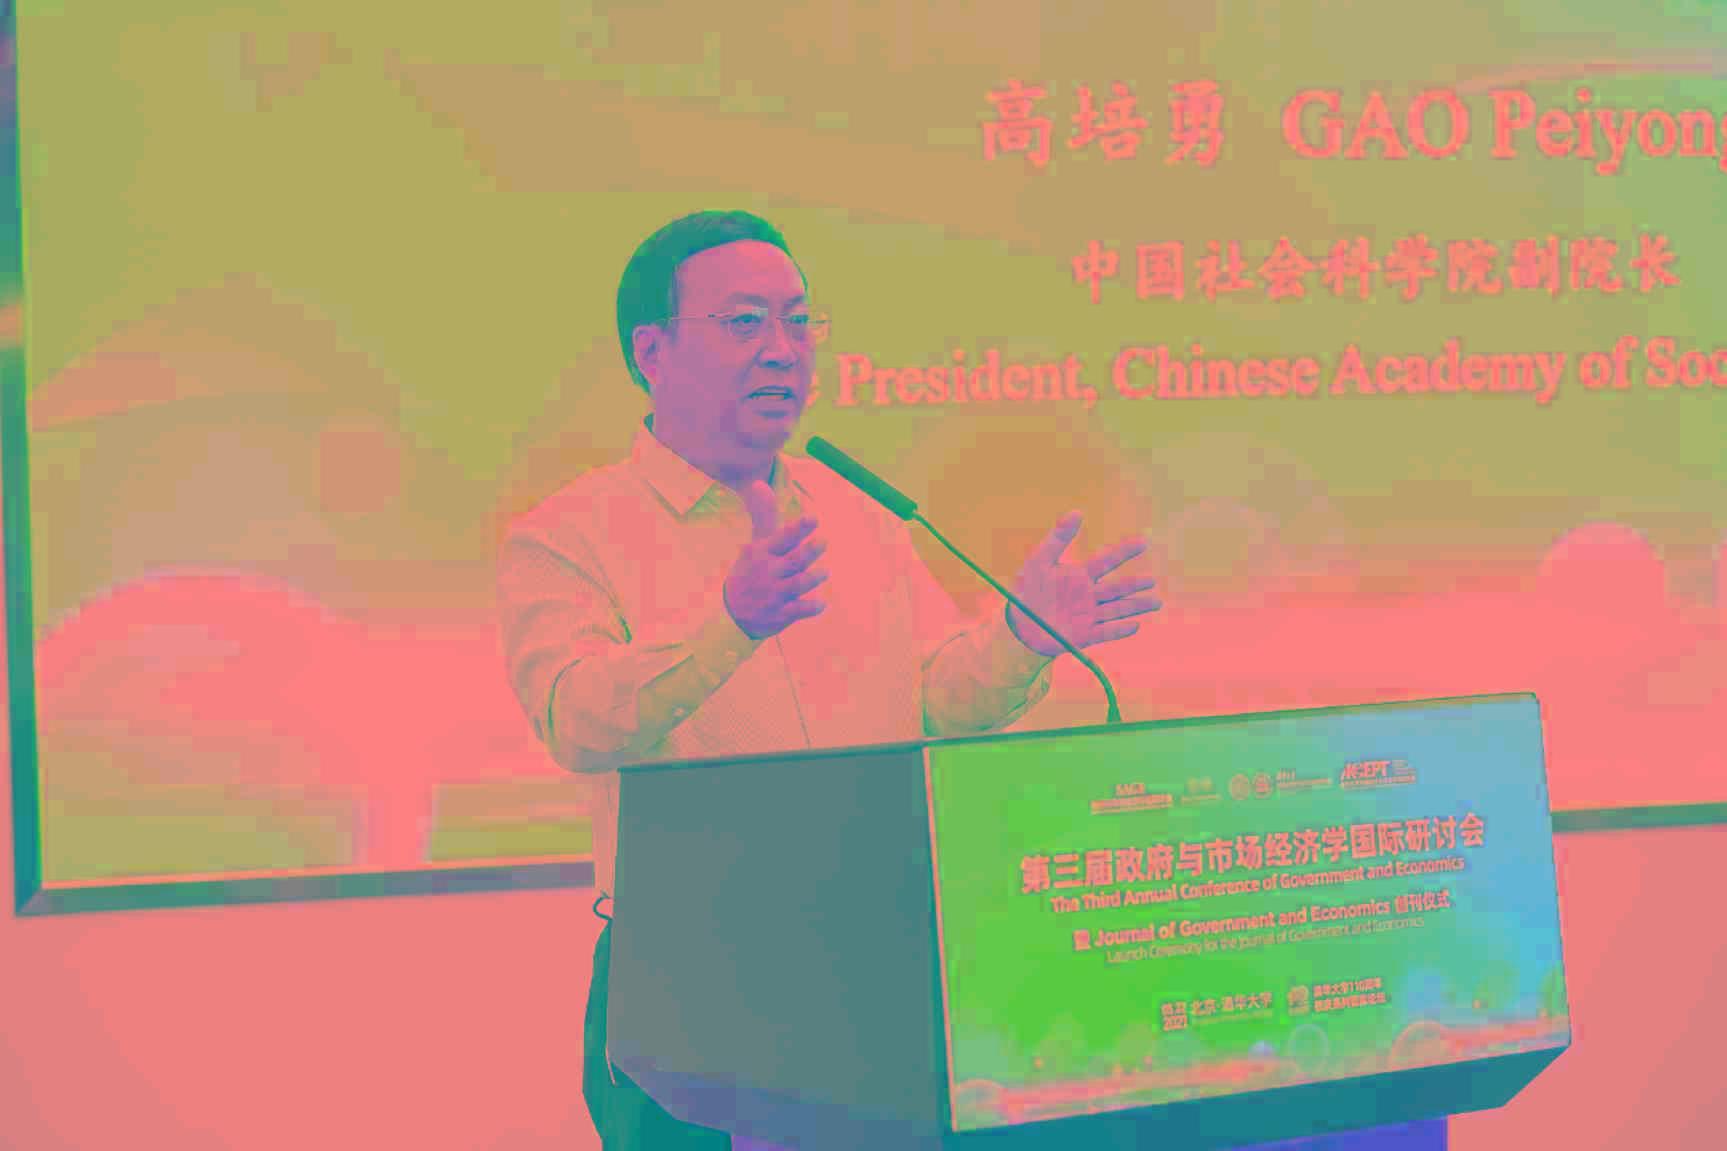 高培勇:经过疫情,中国宏观经济政策配置更加以市场主体为中心